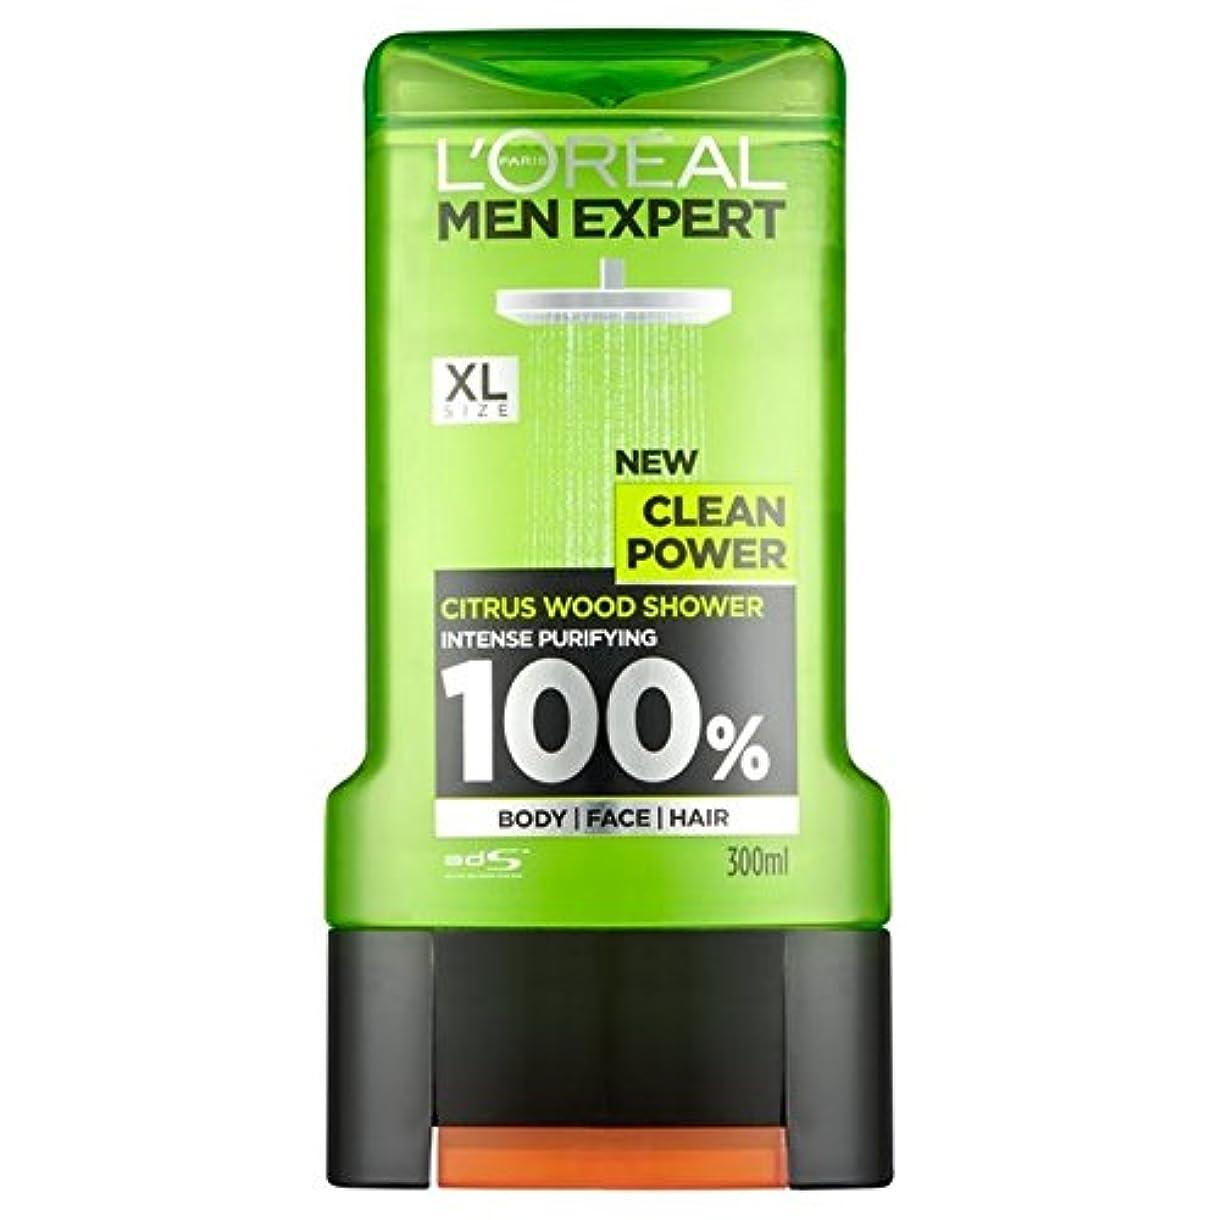 持参パワー驚ロレアルパリの男性の専門家クリーンパワーシャワージェル300ミリリットル x2 - L'Oreal Paris Men Expert Clean Power Shower Gel 300ml (Pack of 2) [並行輸入品]